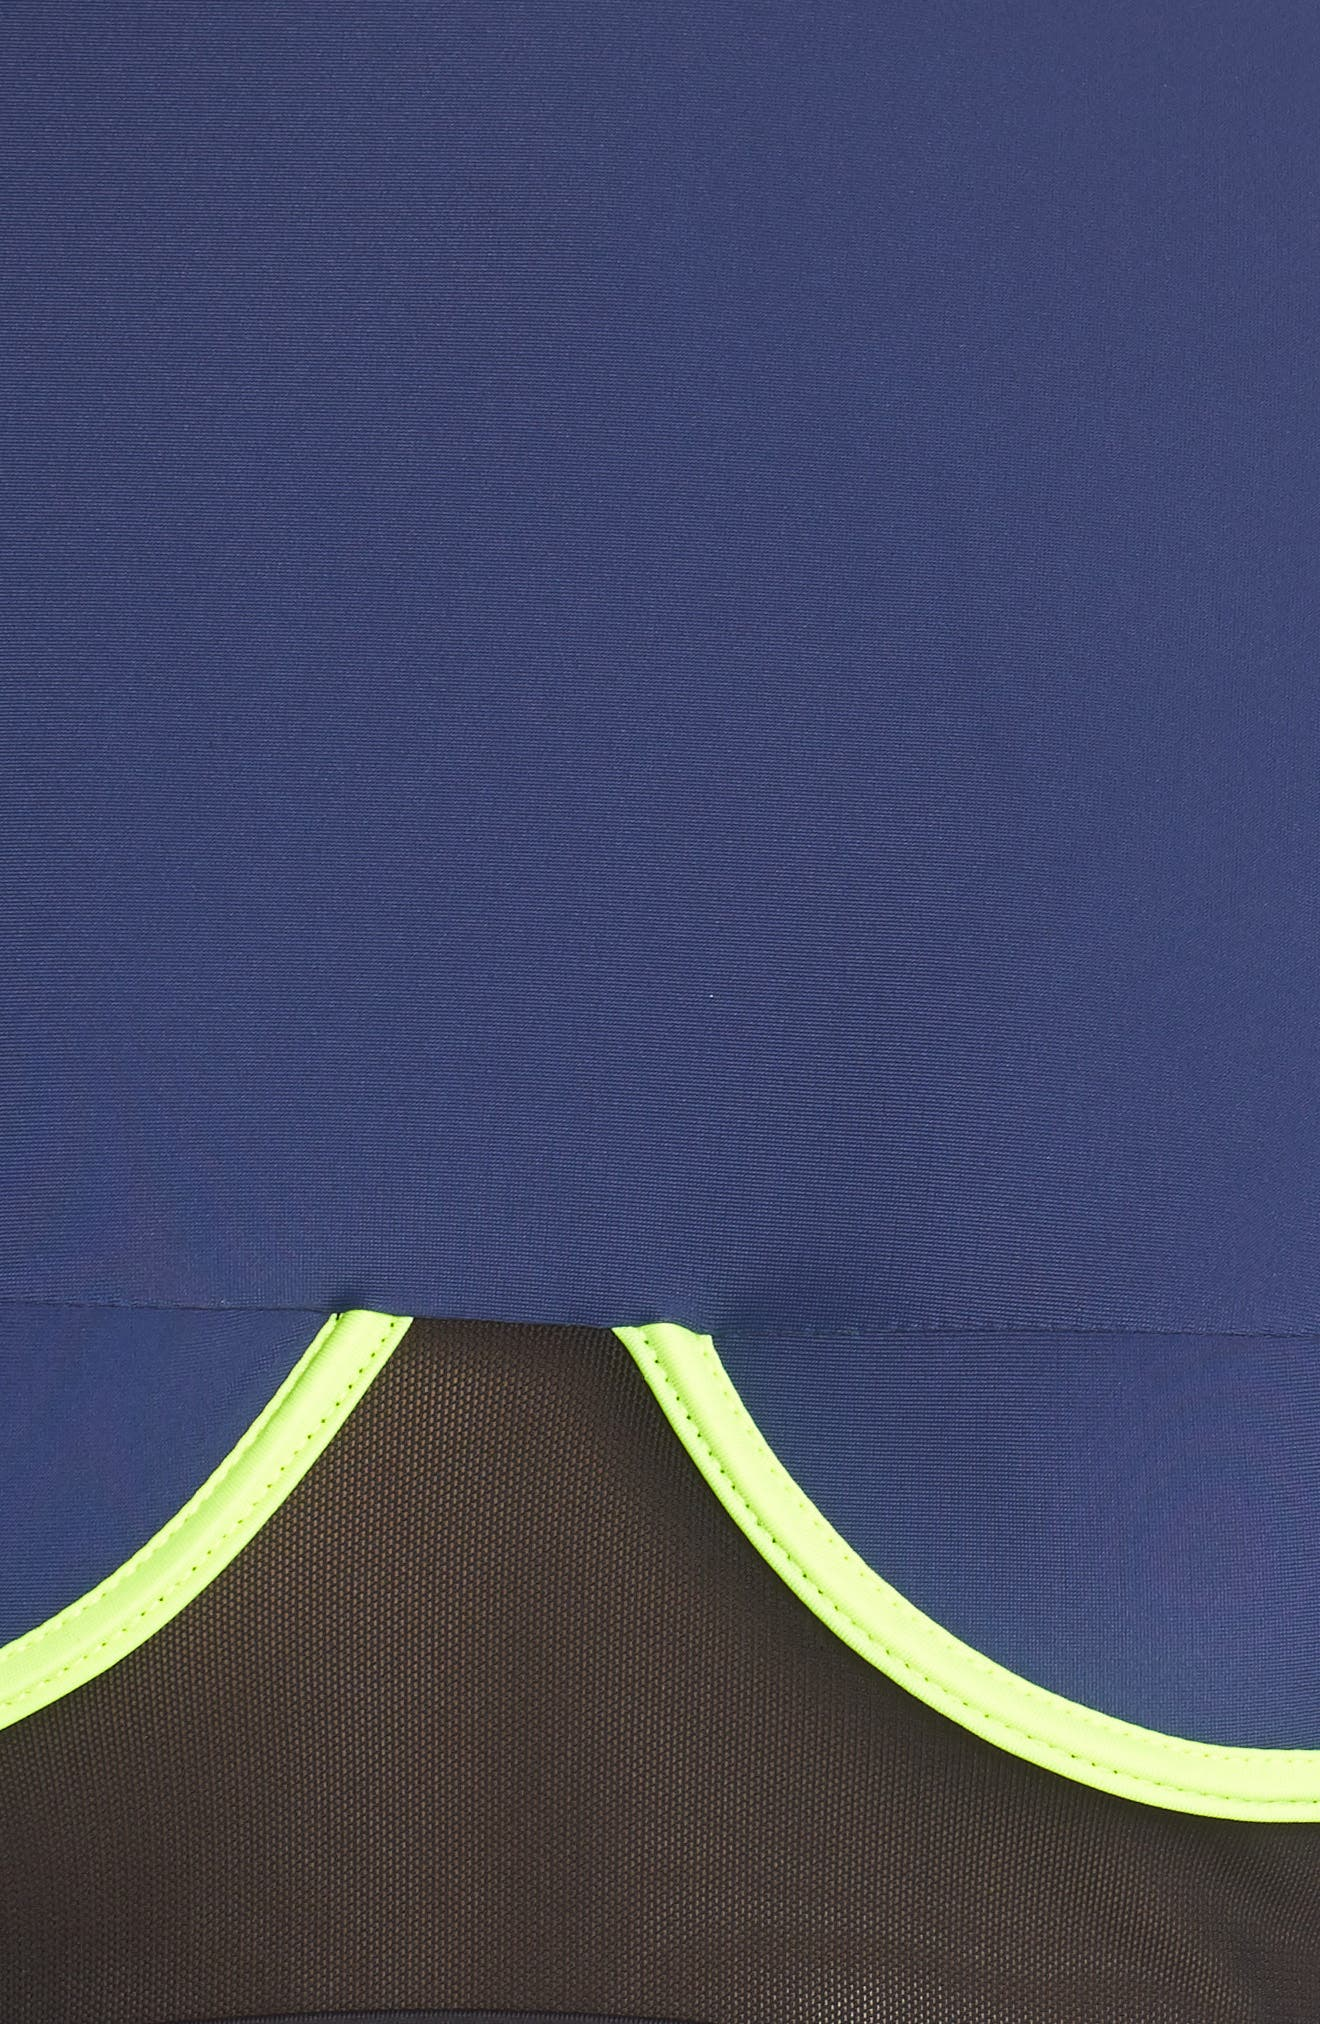 Racer Bikini Top,                             Alternate thumbnail 8, color,                             Blue/ Black/ Yellow